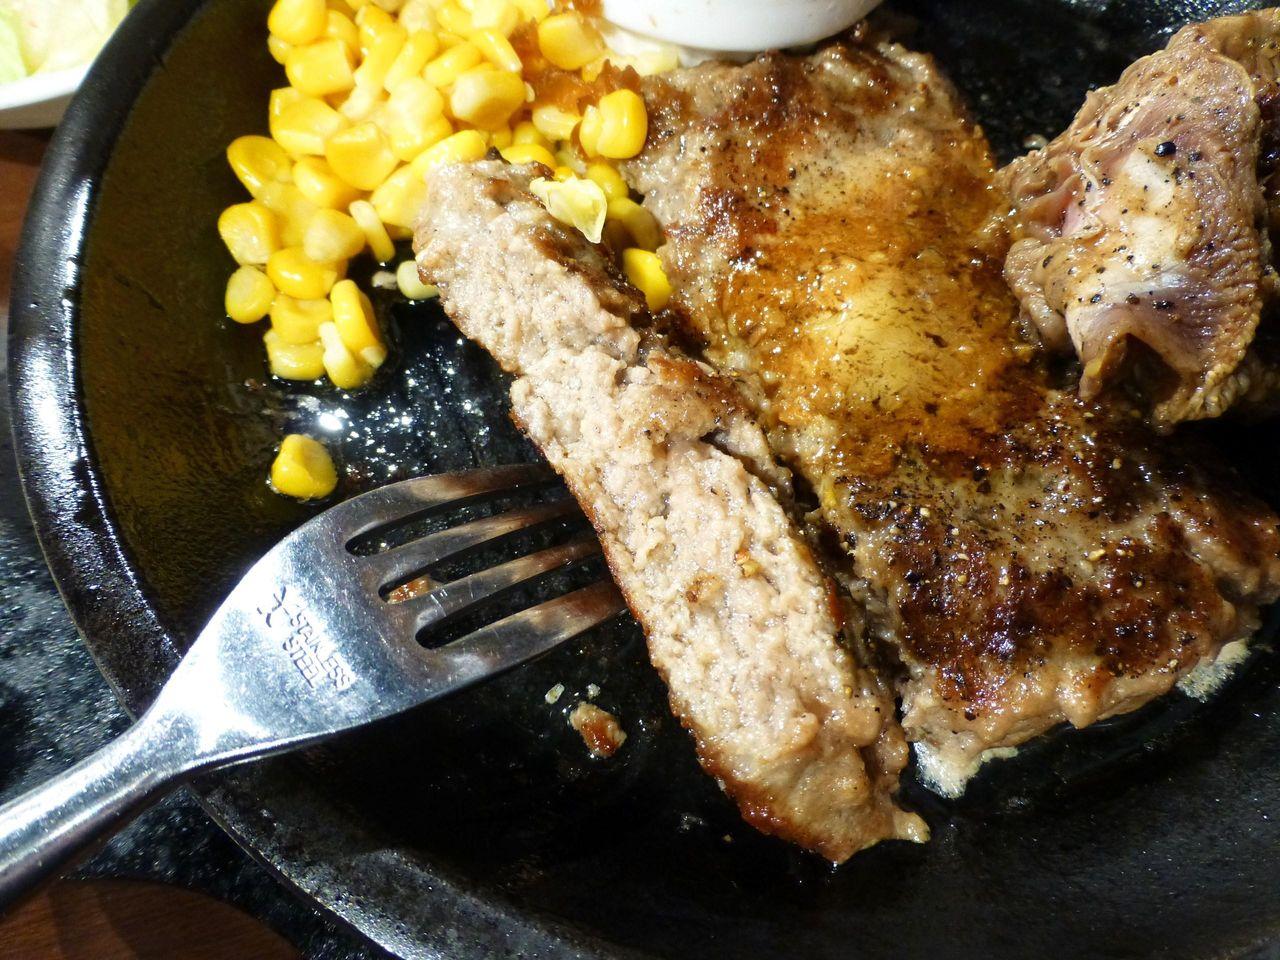 ハンバーグは、粗挽き肉を使用して、ジューシーな味わい!